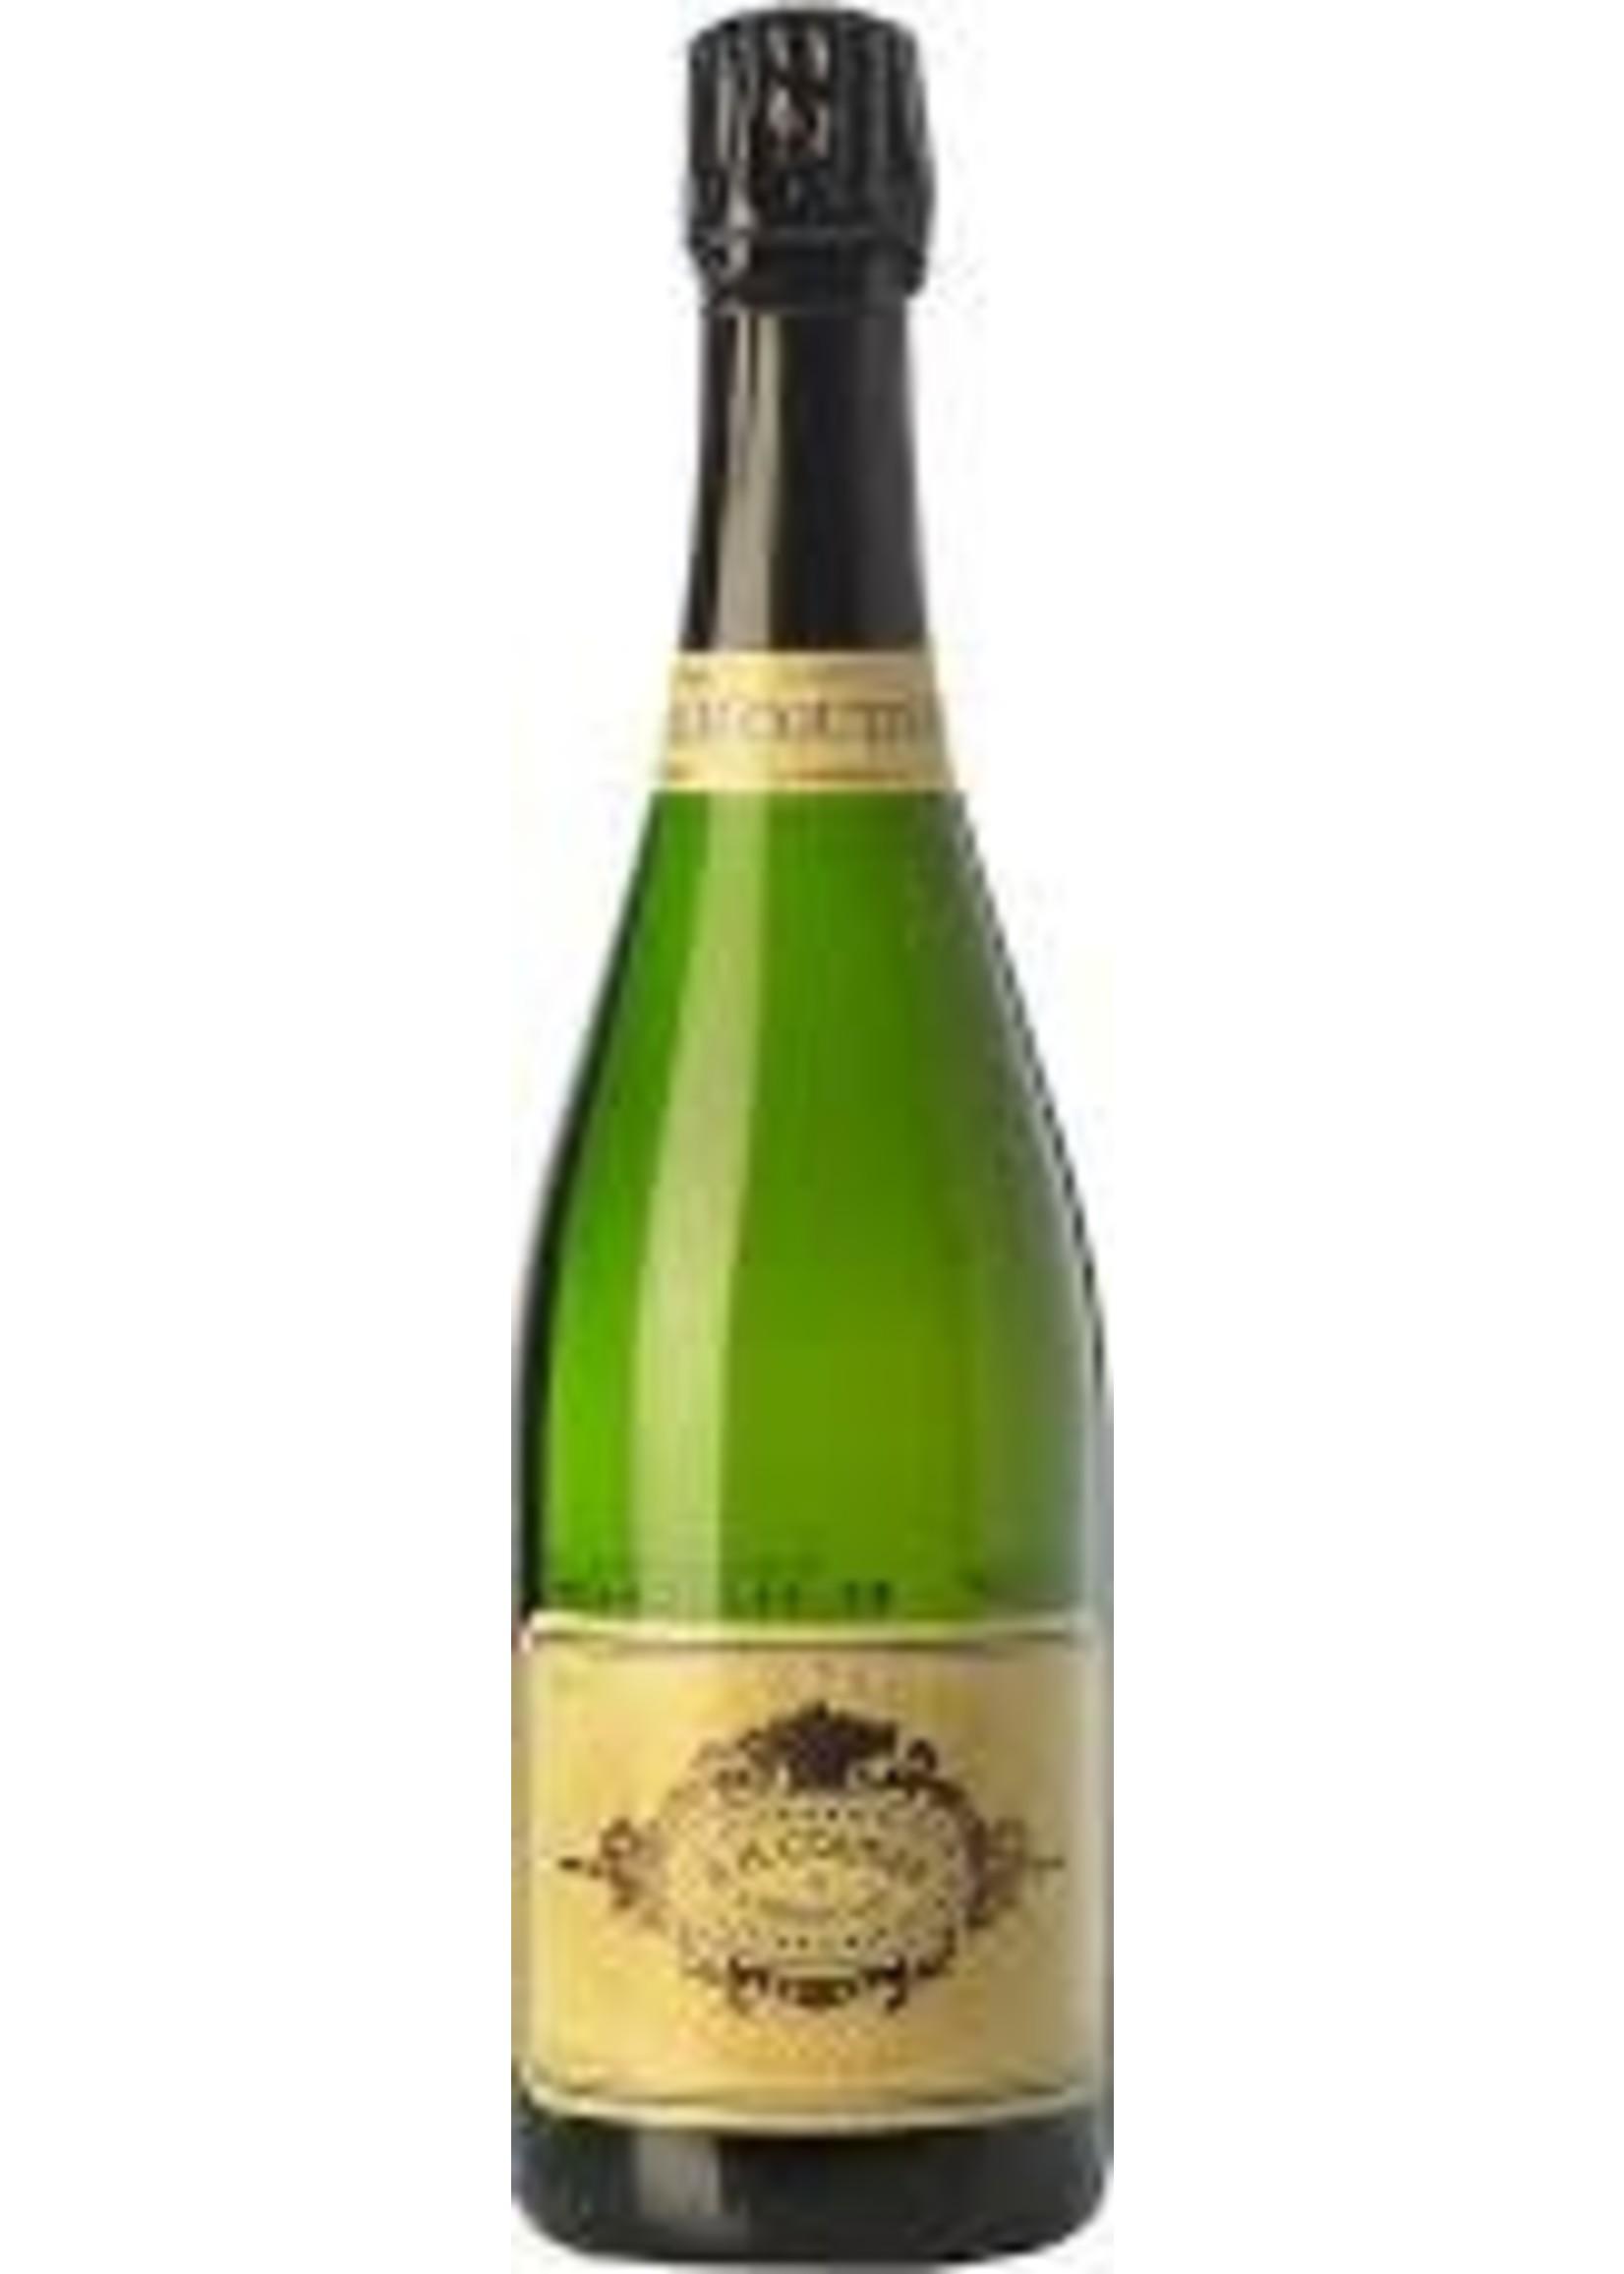 R.H. Coutier NV Champagne Blanc de Blancs 750ml